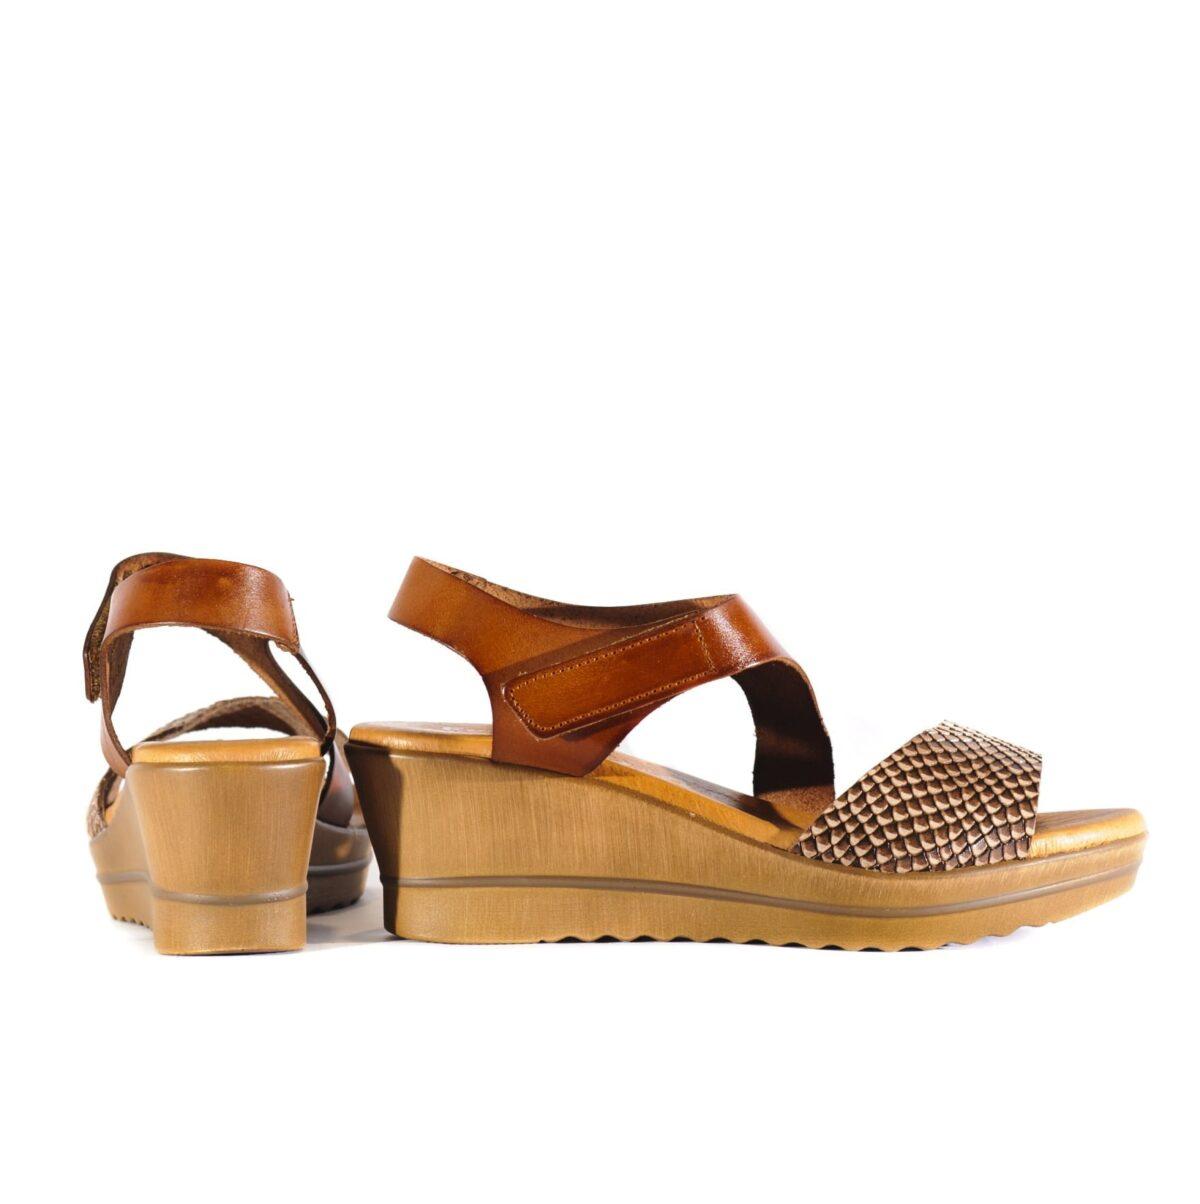 Γυναικεία Παπούτσια Γυναικεία Comfort Πλατφόρμα Snake Print